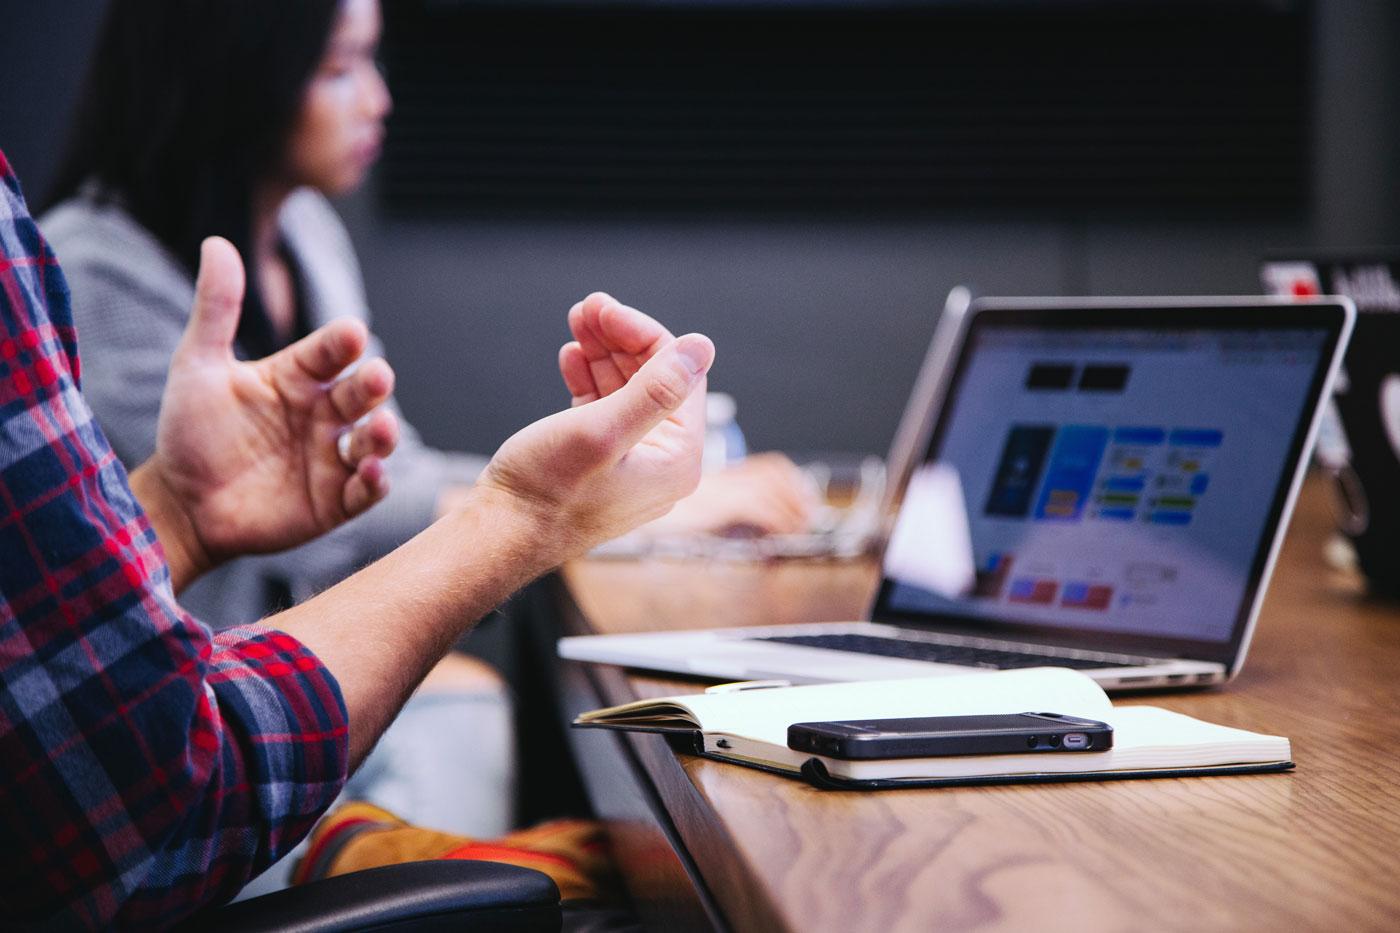 réunion de travail avec ordinateur et bloc-notes